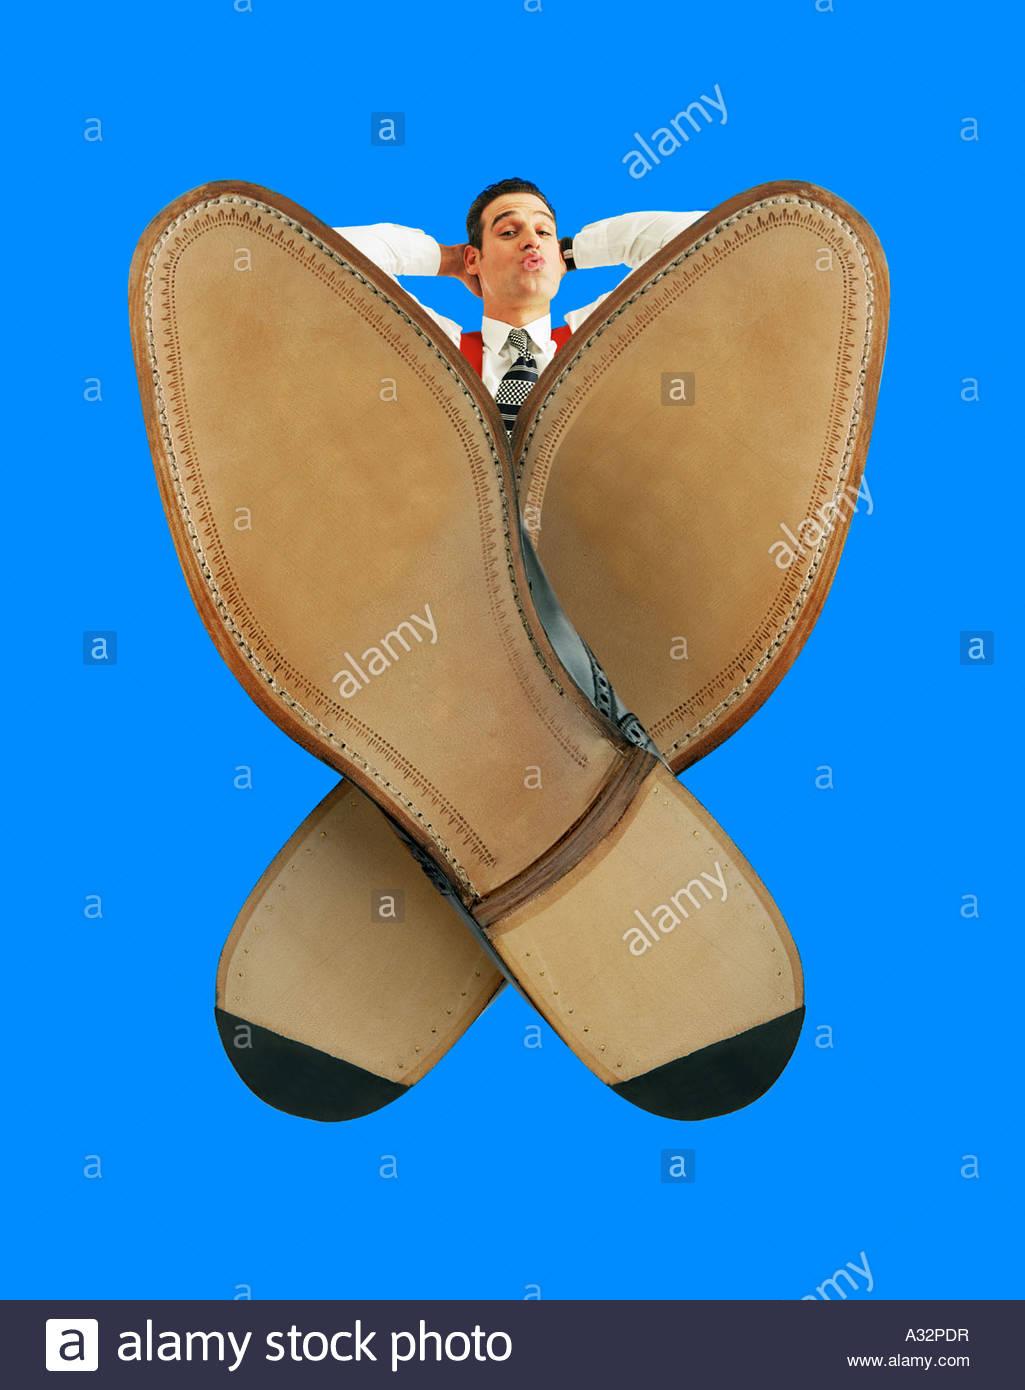 Hombre de aspecto relajado con sus pies sobre el escritorio, cruzaron la frontera. Efecto de gran angular extremo. Imagen De Stock